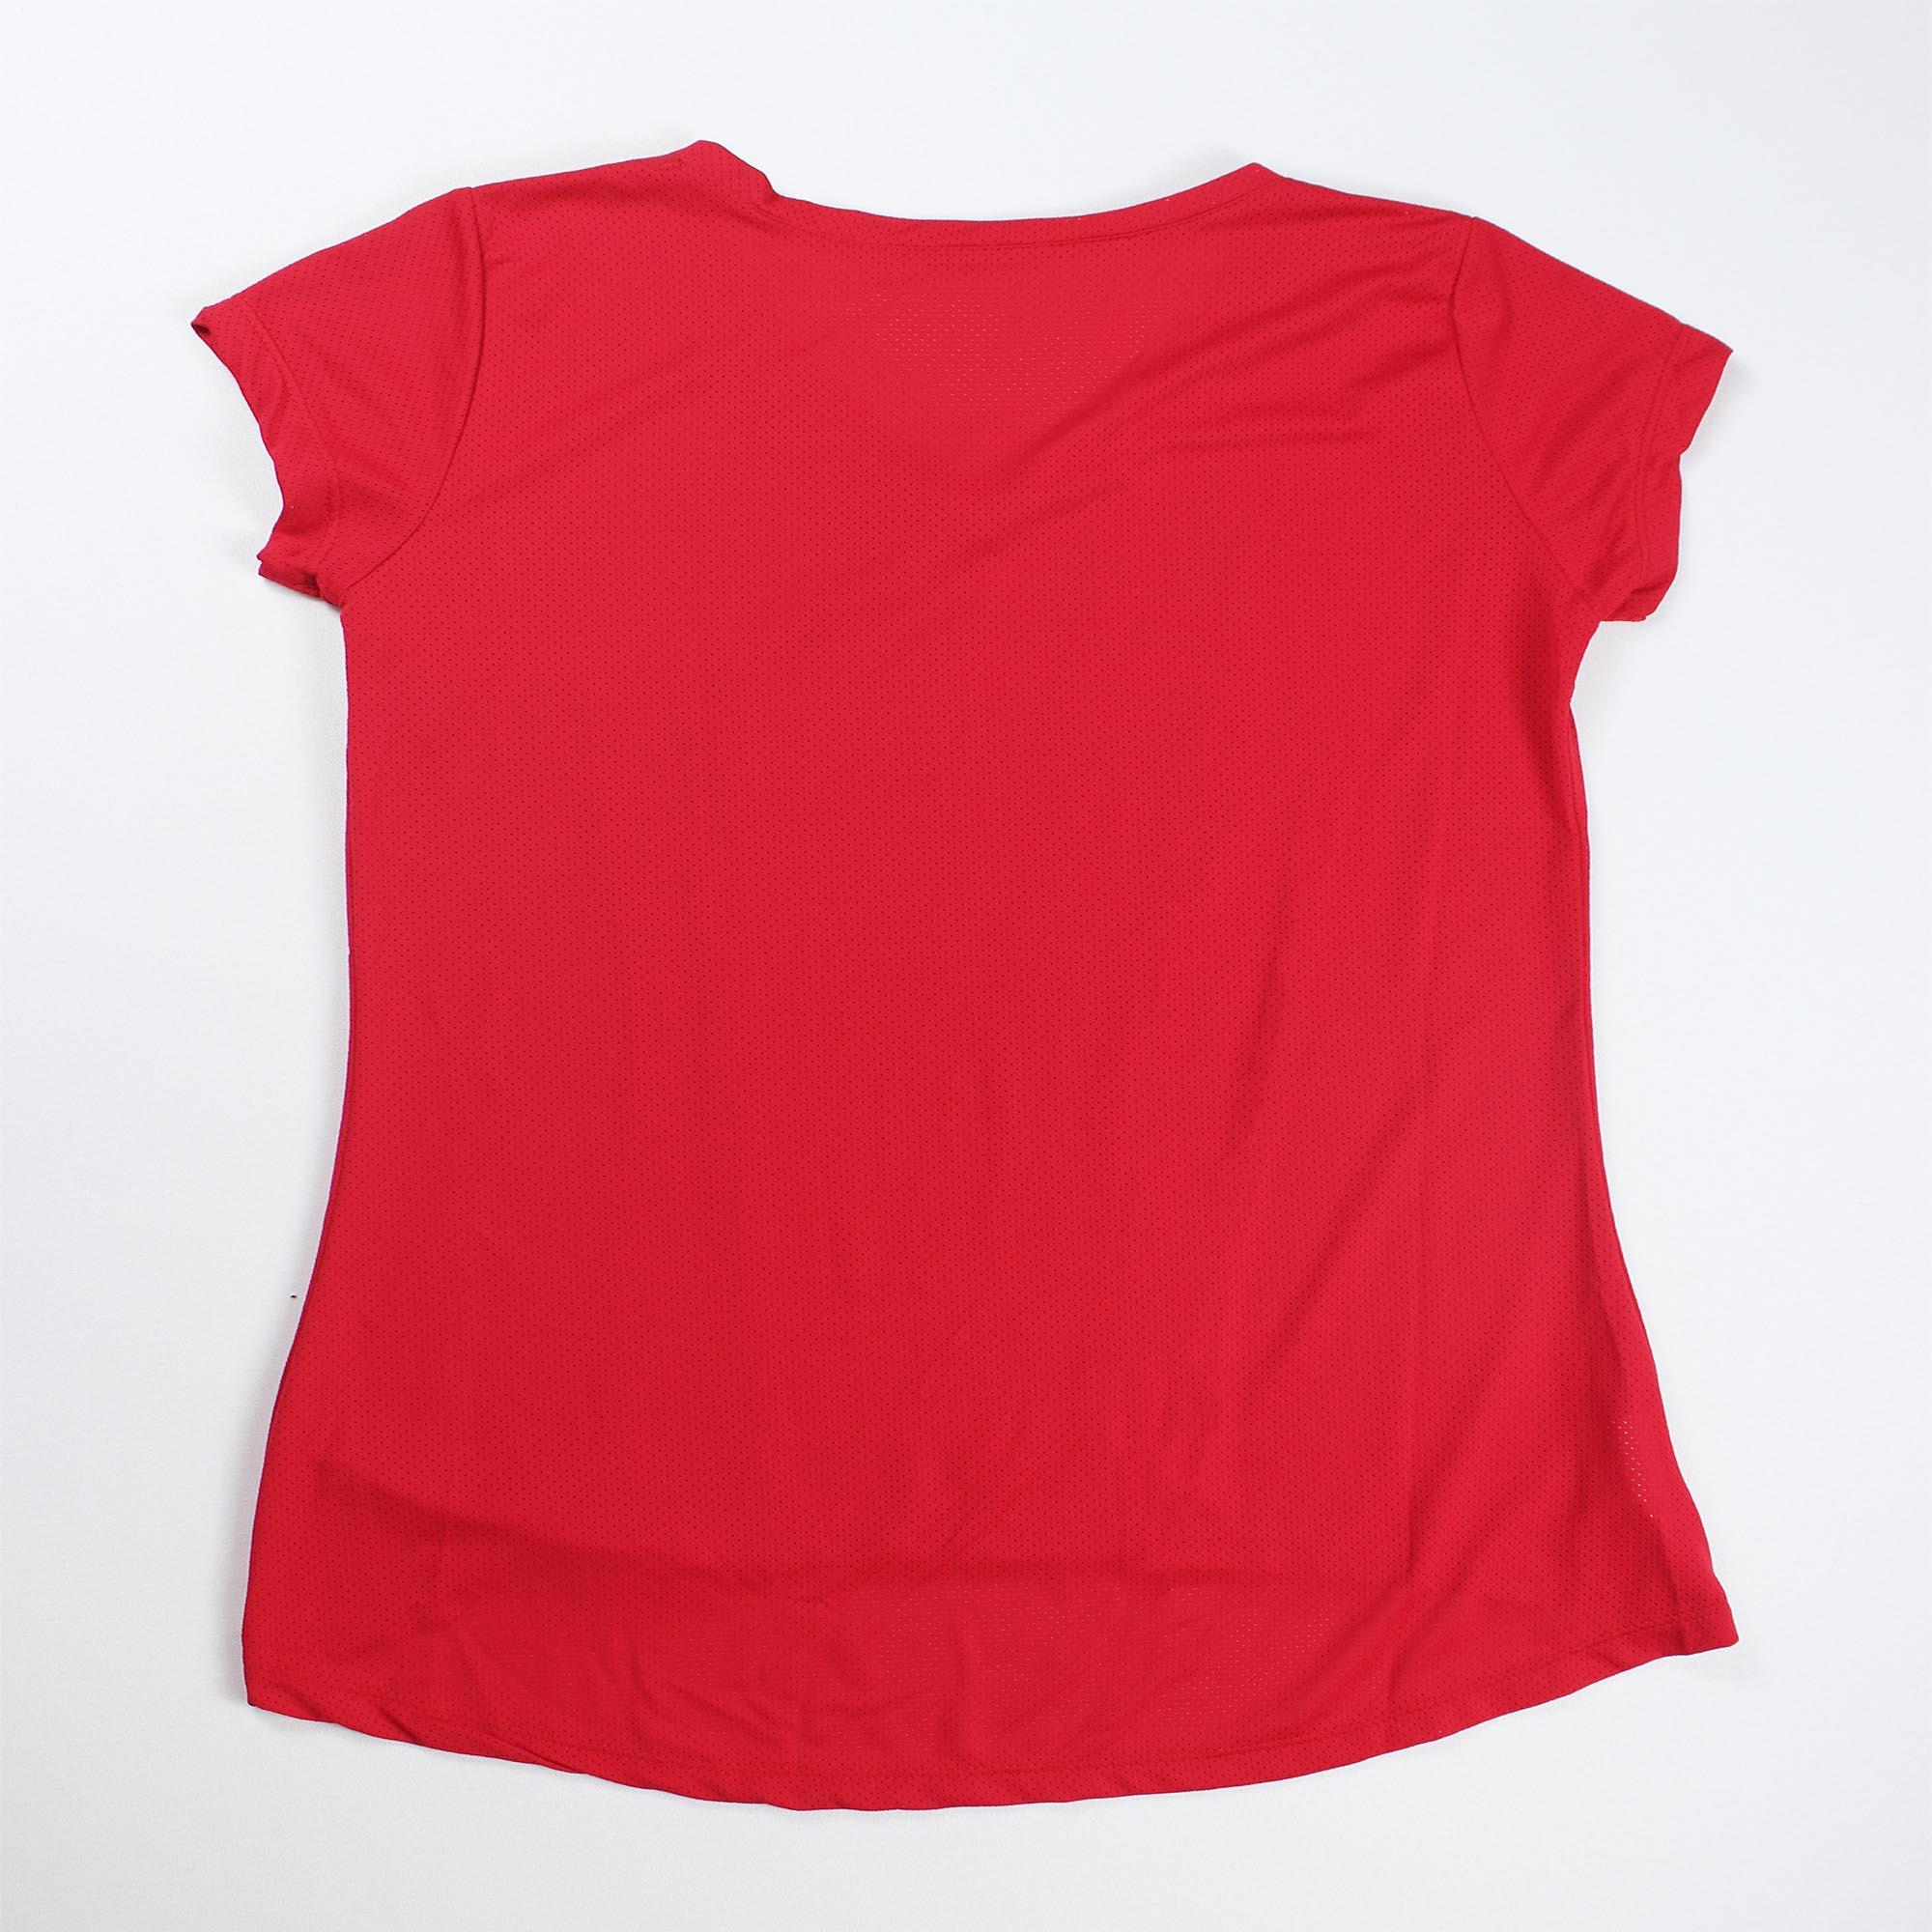 Blusa Moullet Feminina - Vermelha